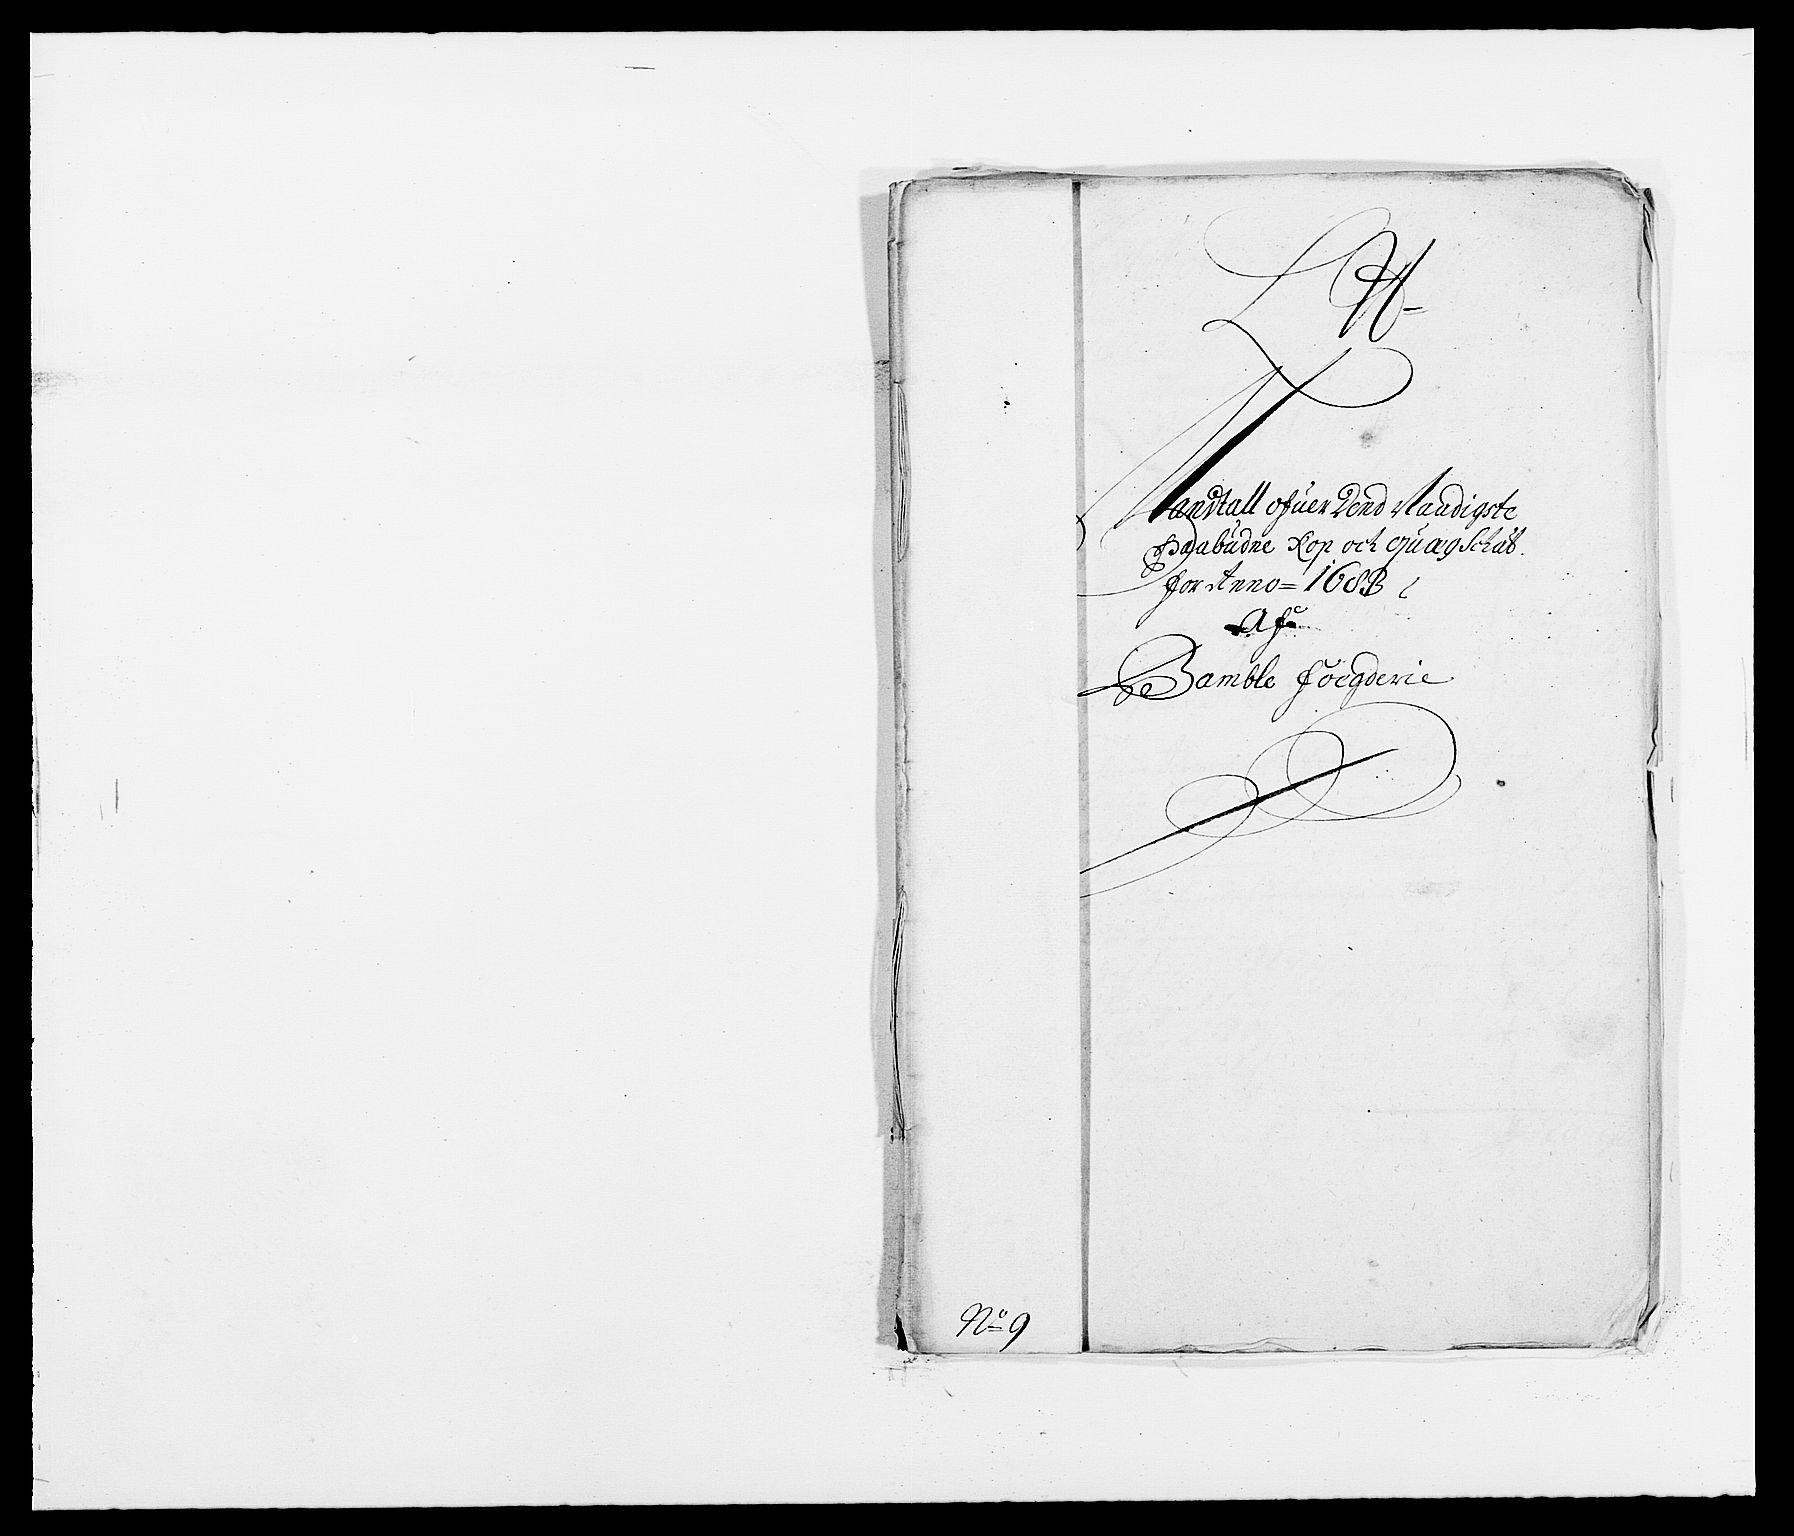 RA, Rentekammeret inntil 1814, Reviderte regnskaper, Fogderegnskap, R34/L2046: Fogderegnskap Bamble, 1682-1683, s. 403